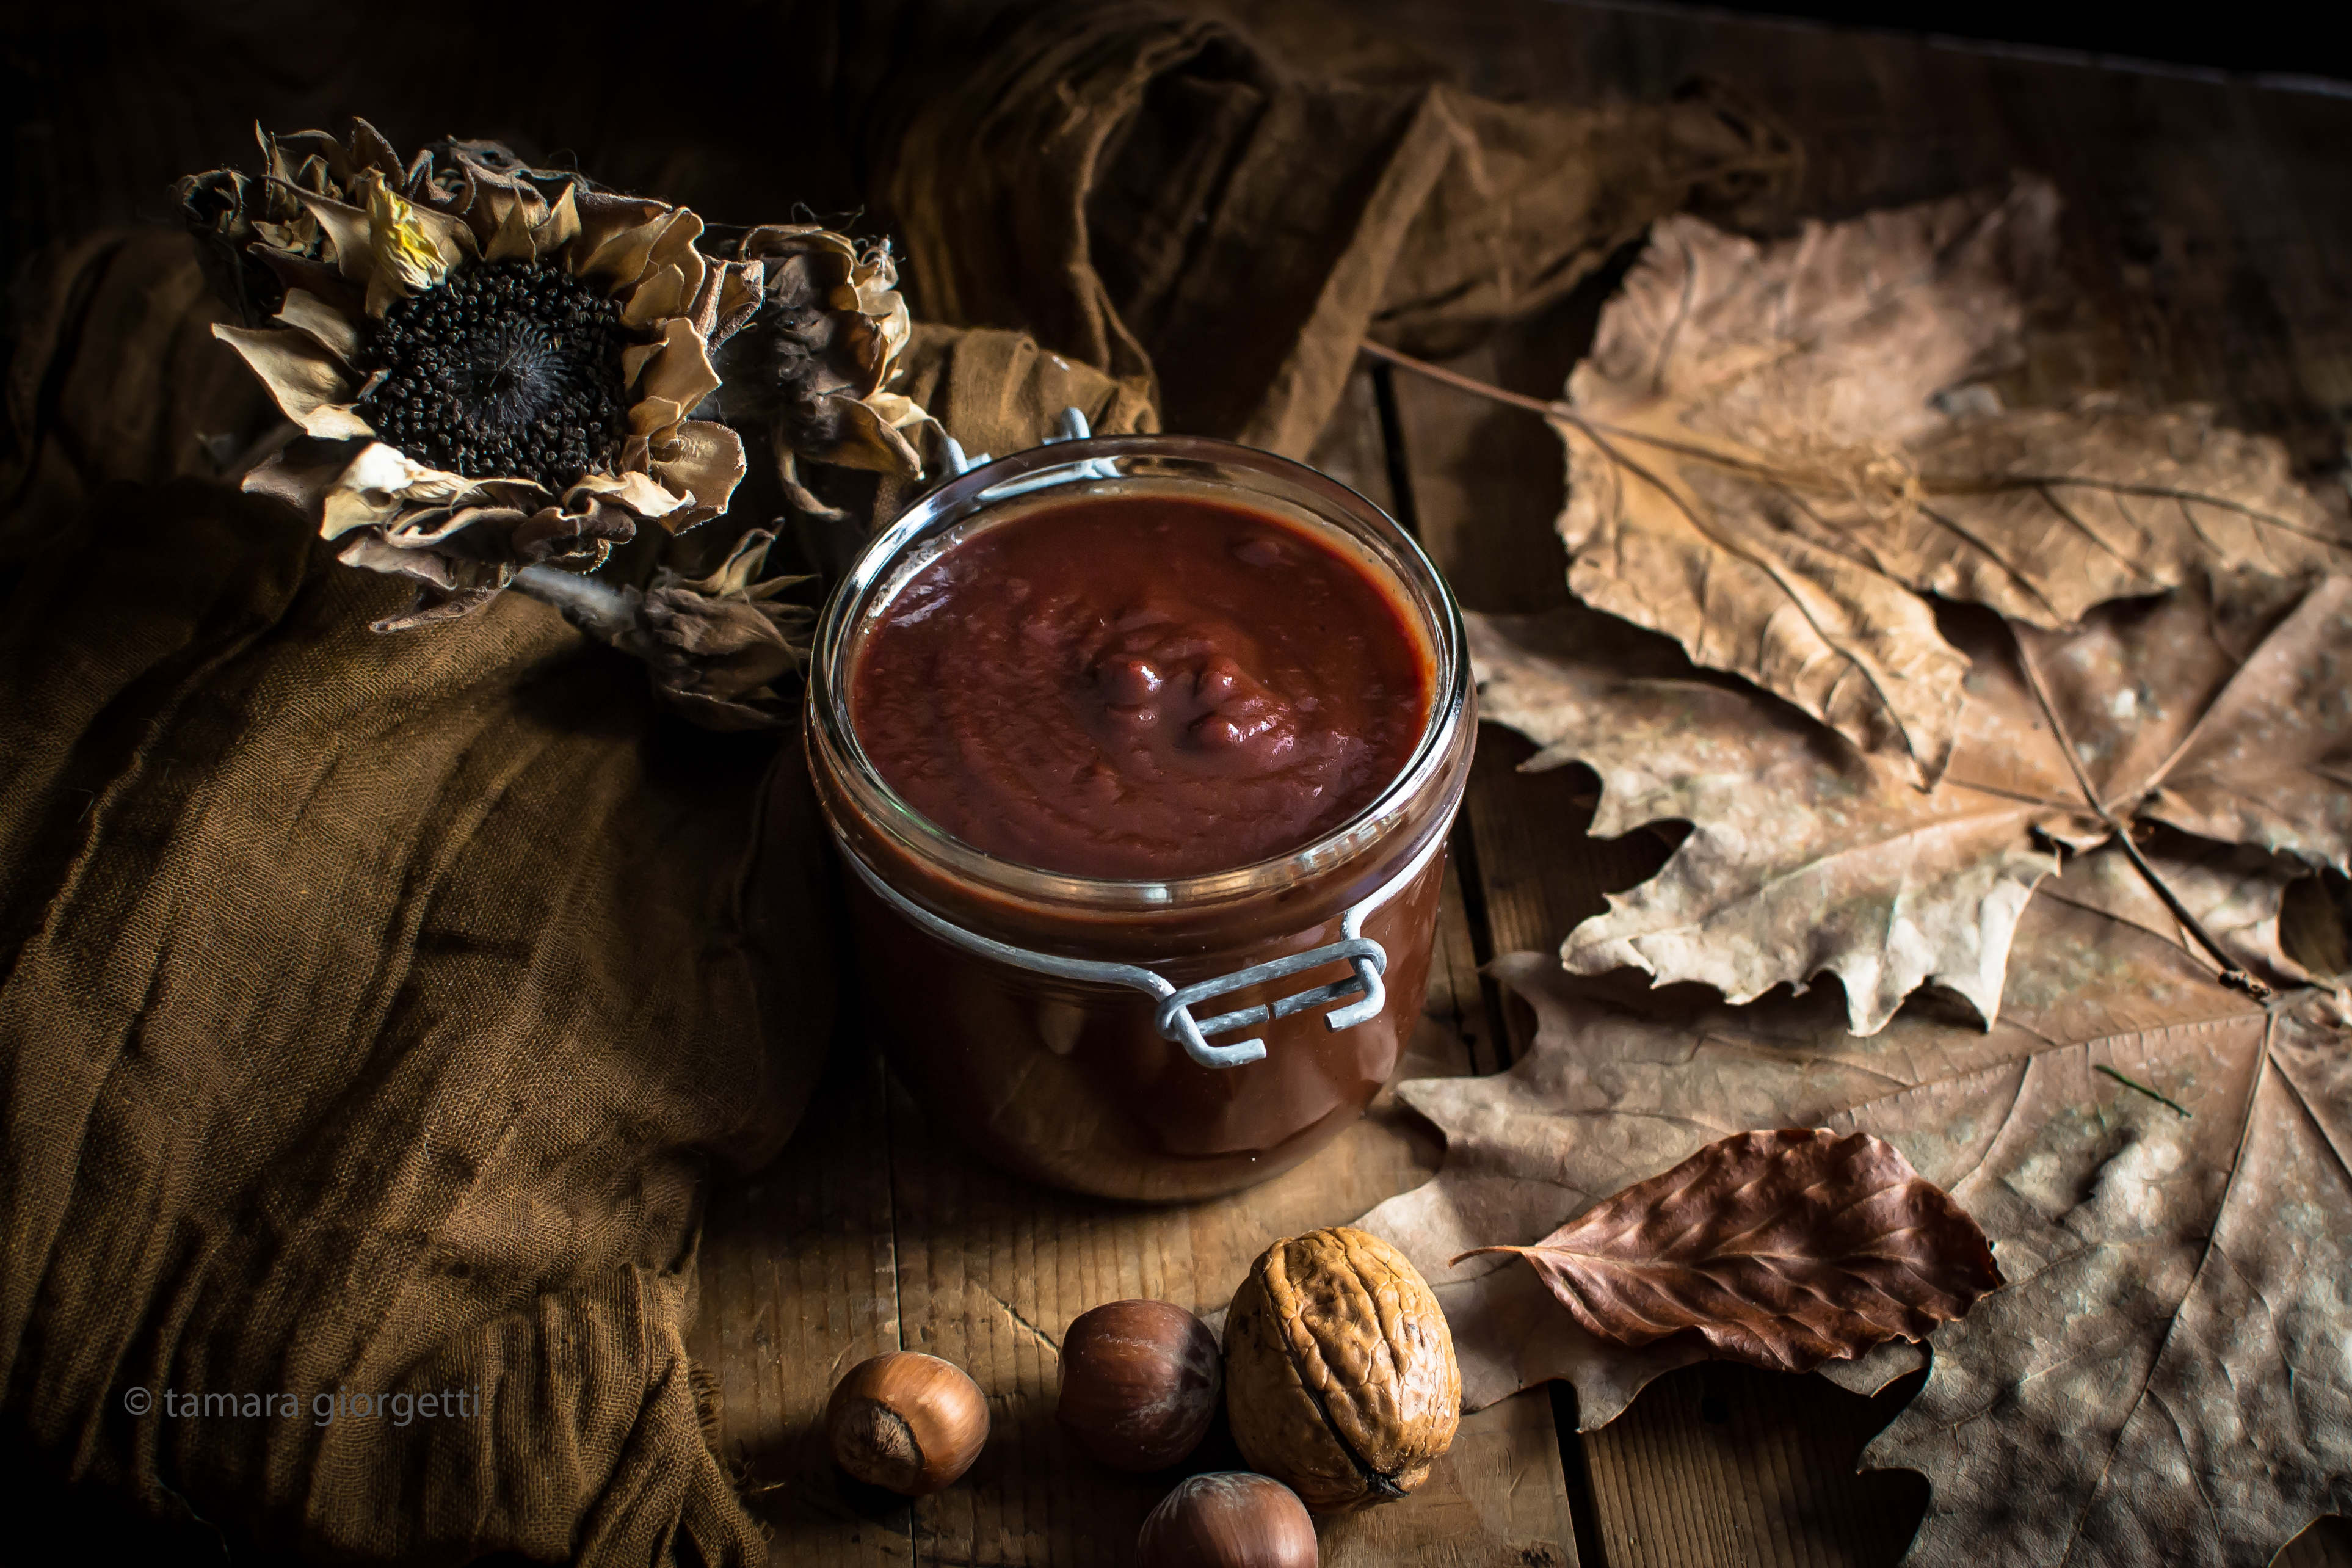 pere e cioccolato confettura